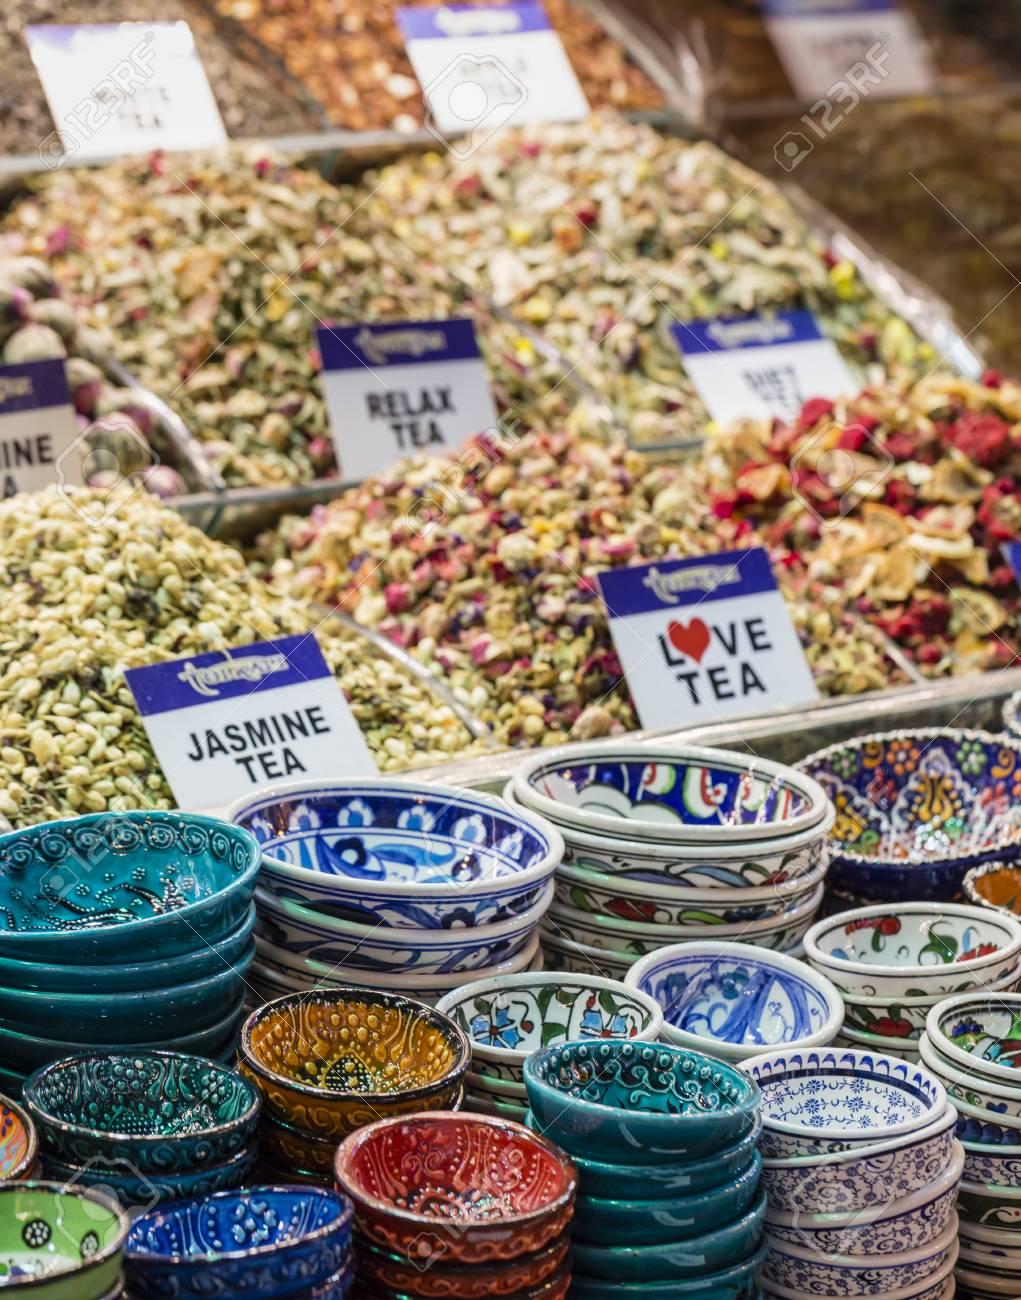 Salon De Thé Dans Le Grand Bazar, Istanbul, Turquie. Banque Du0027images